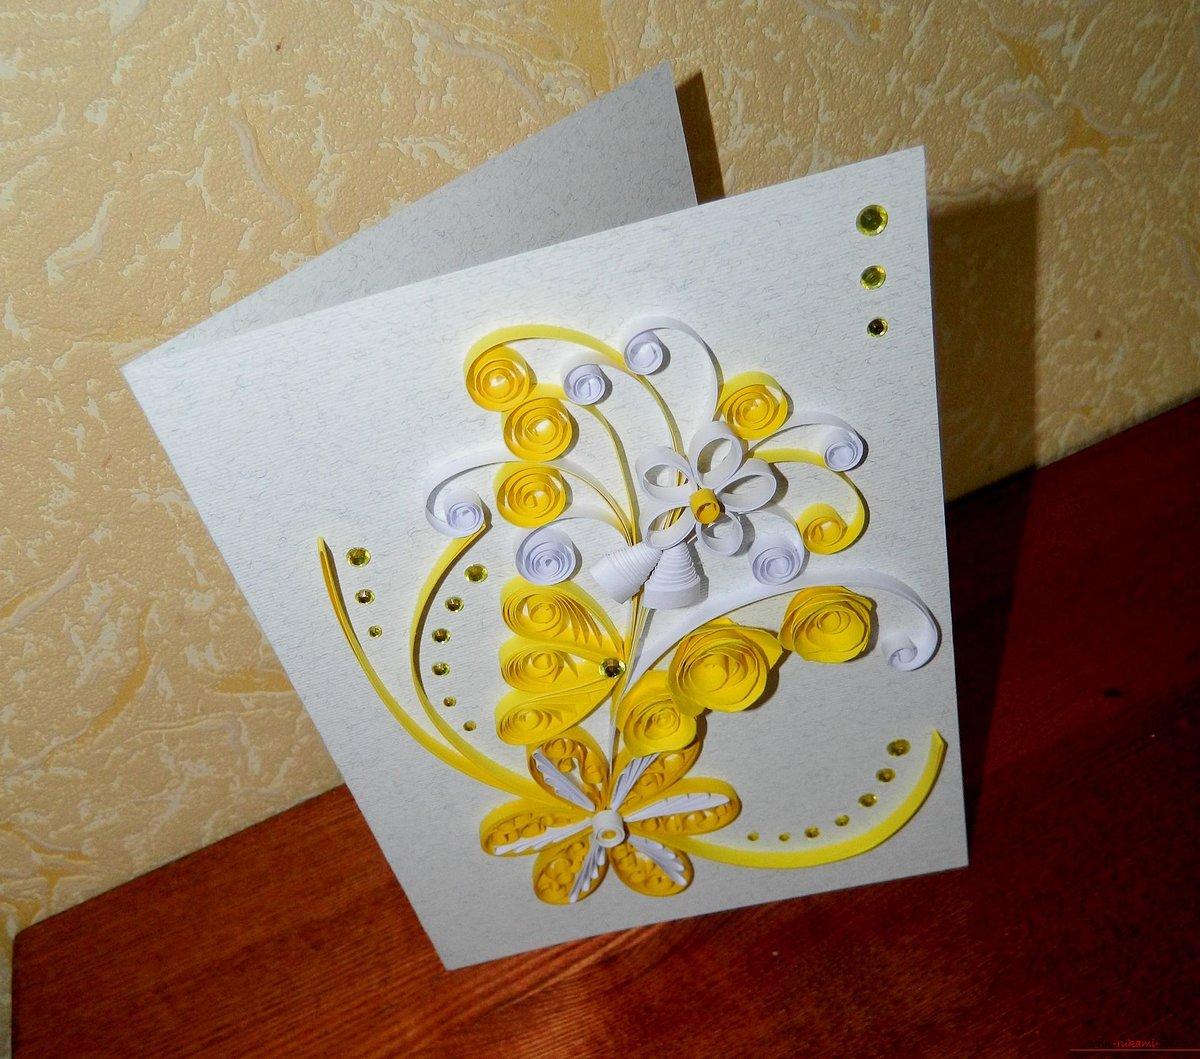 Объемные поздравительные открытки своими руками, добрый вечер